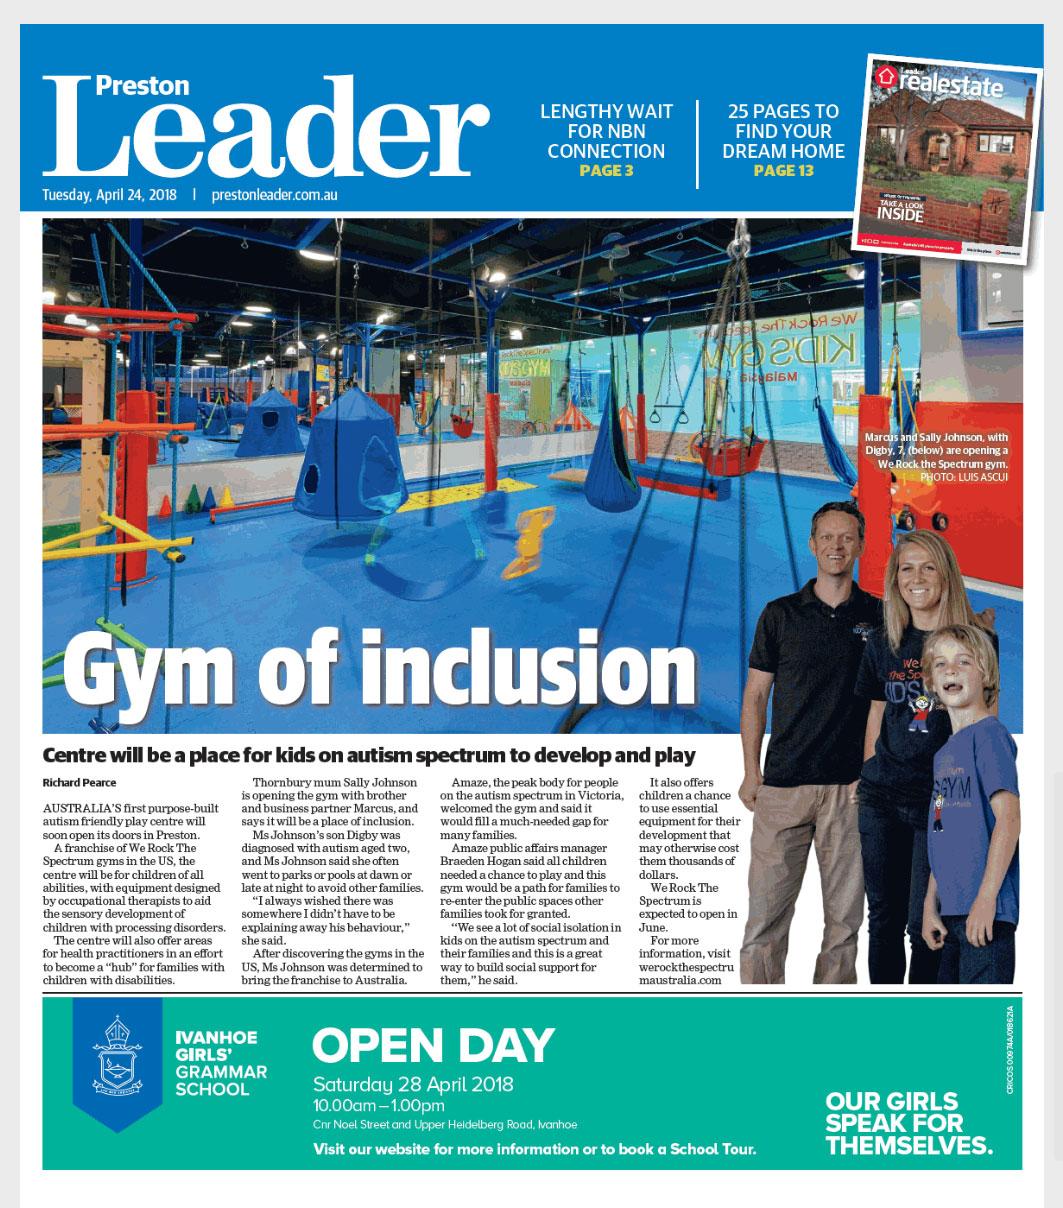 preston leader press feature